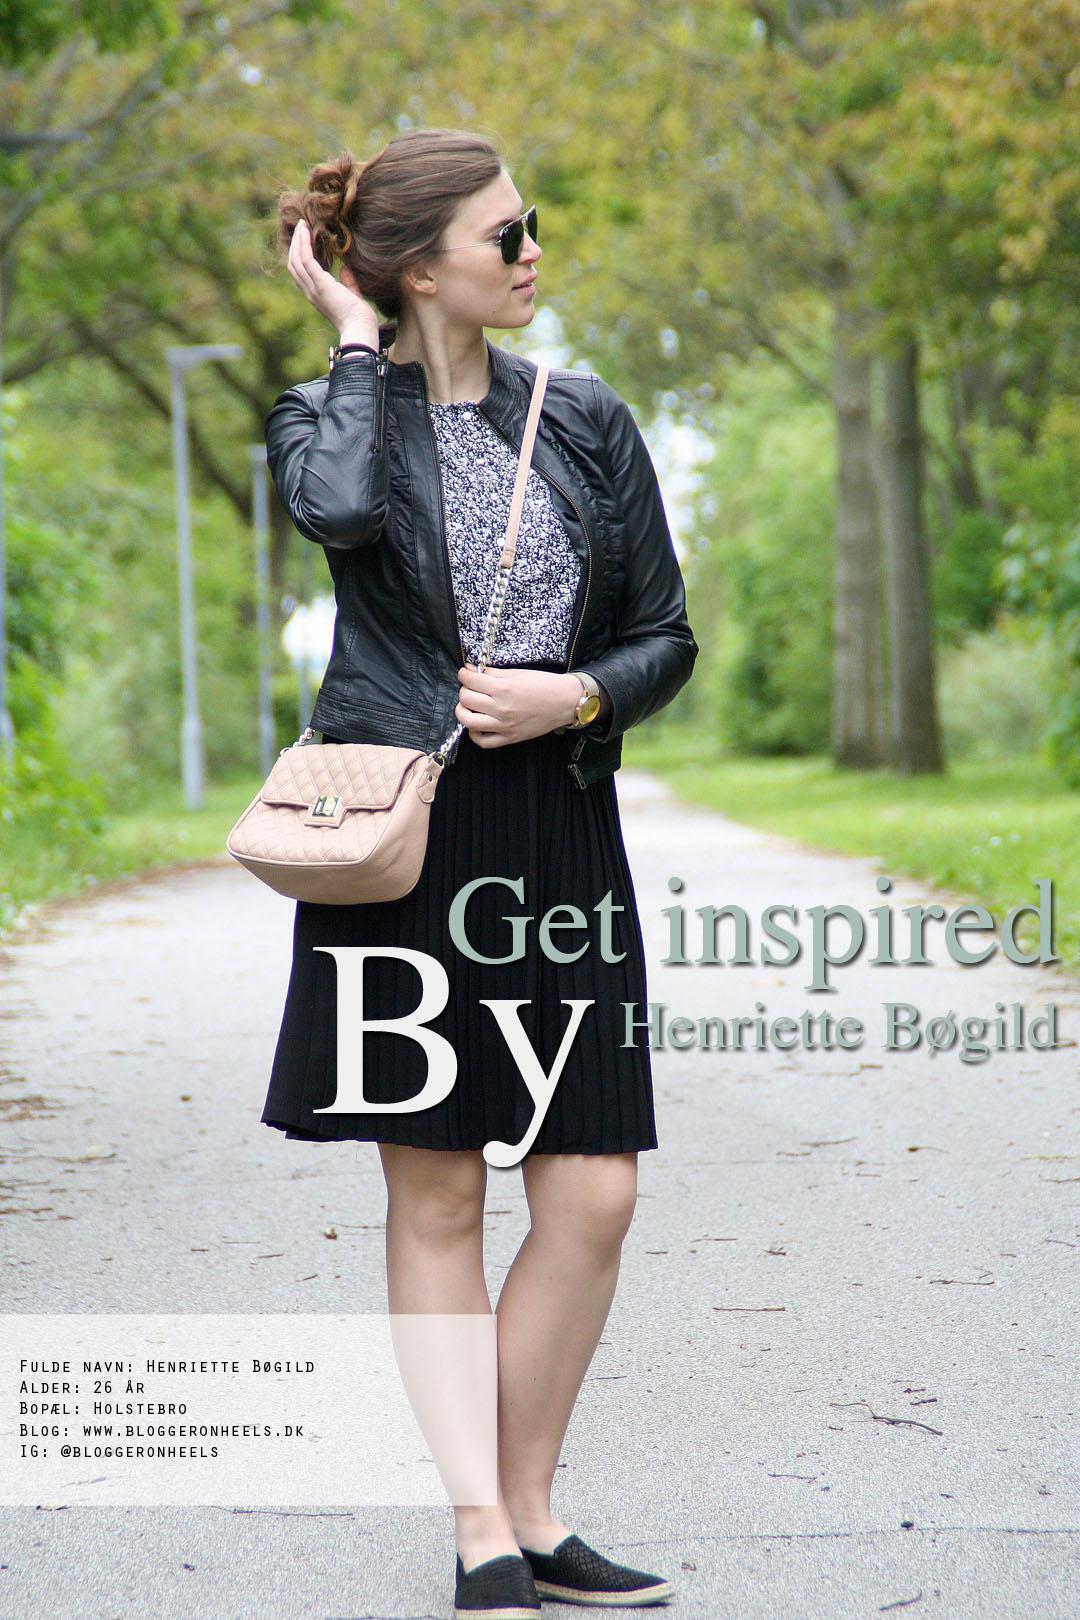 GET INSPIRED BY HENRIETTE BØGILD